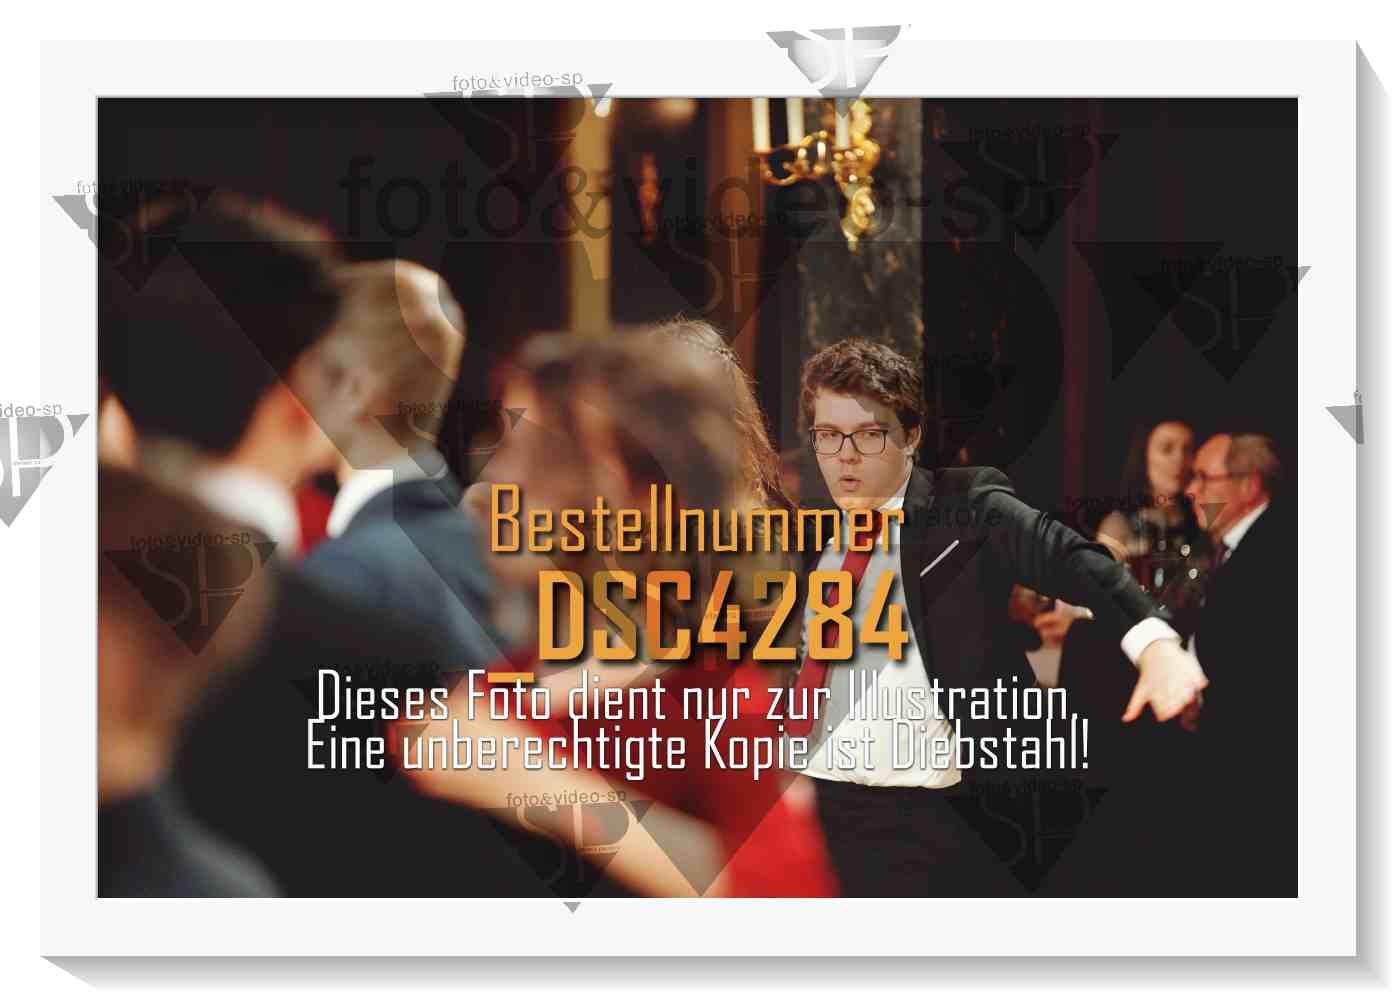 DSC4284